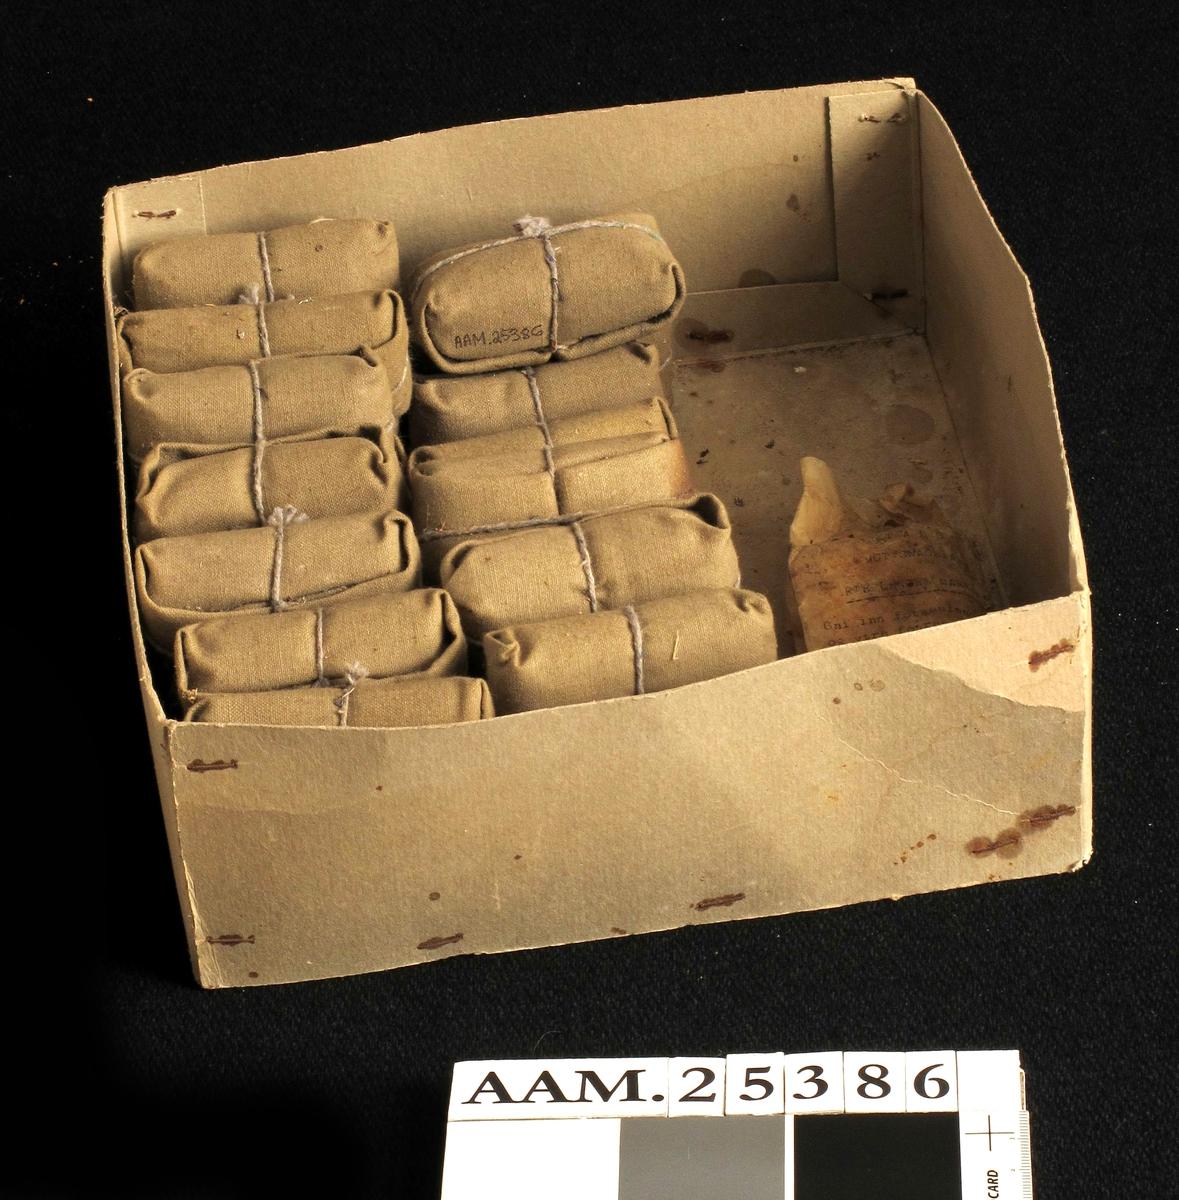 Pappeske m. 26 enkeltmannspakker. Sannsynligvis pakket illegalt på apotek i Arendal, ifølge Taraldsens bok. Har de siste 50 år stått urørt på gårdsverkstedet på Ottersland. Enkeltmannspakker oppbevares i brystlomme på jakka.